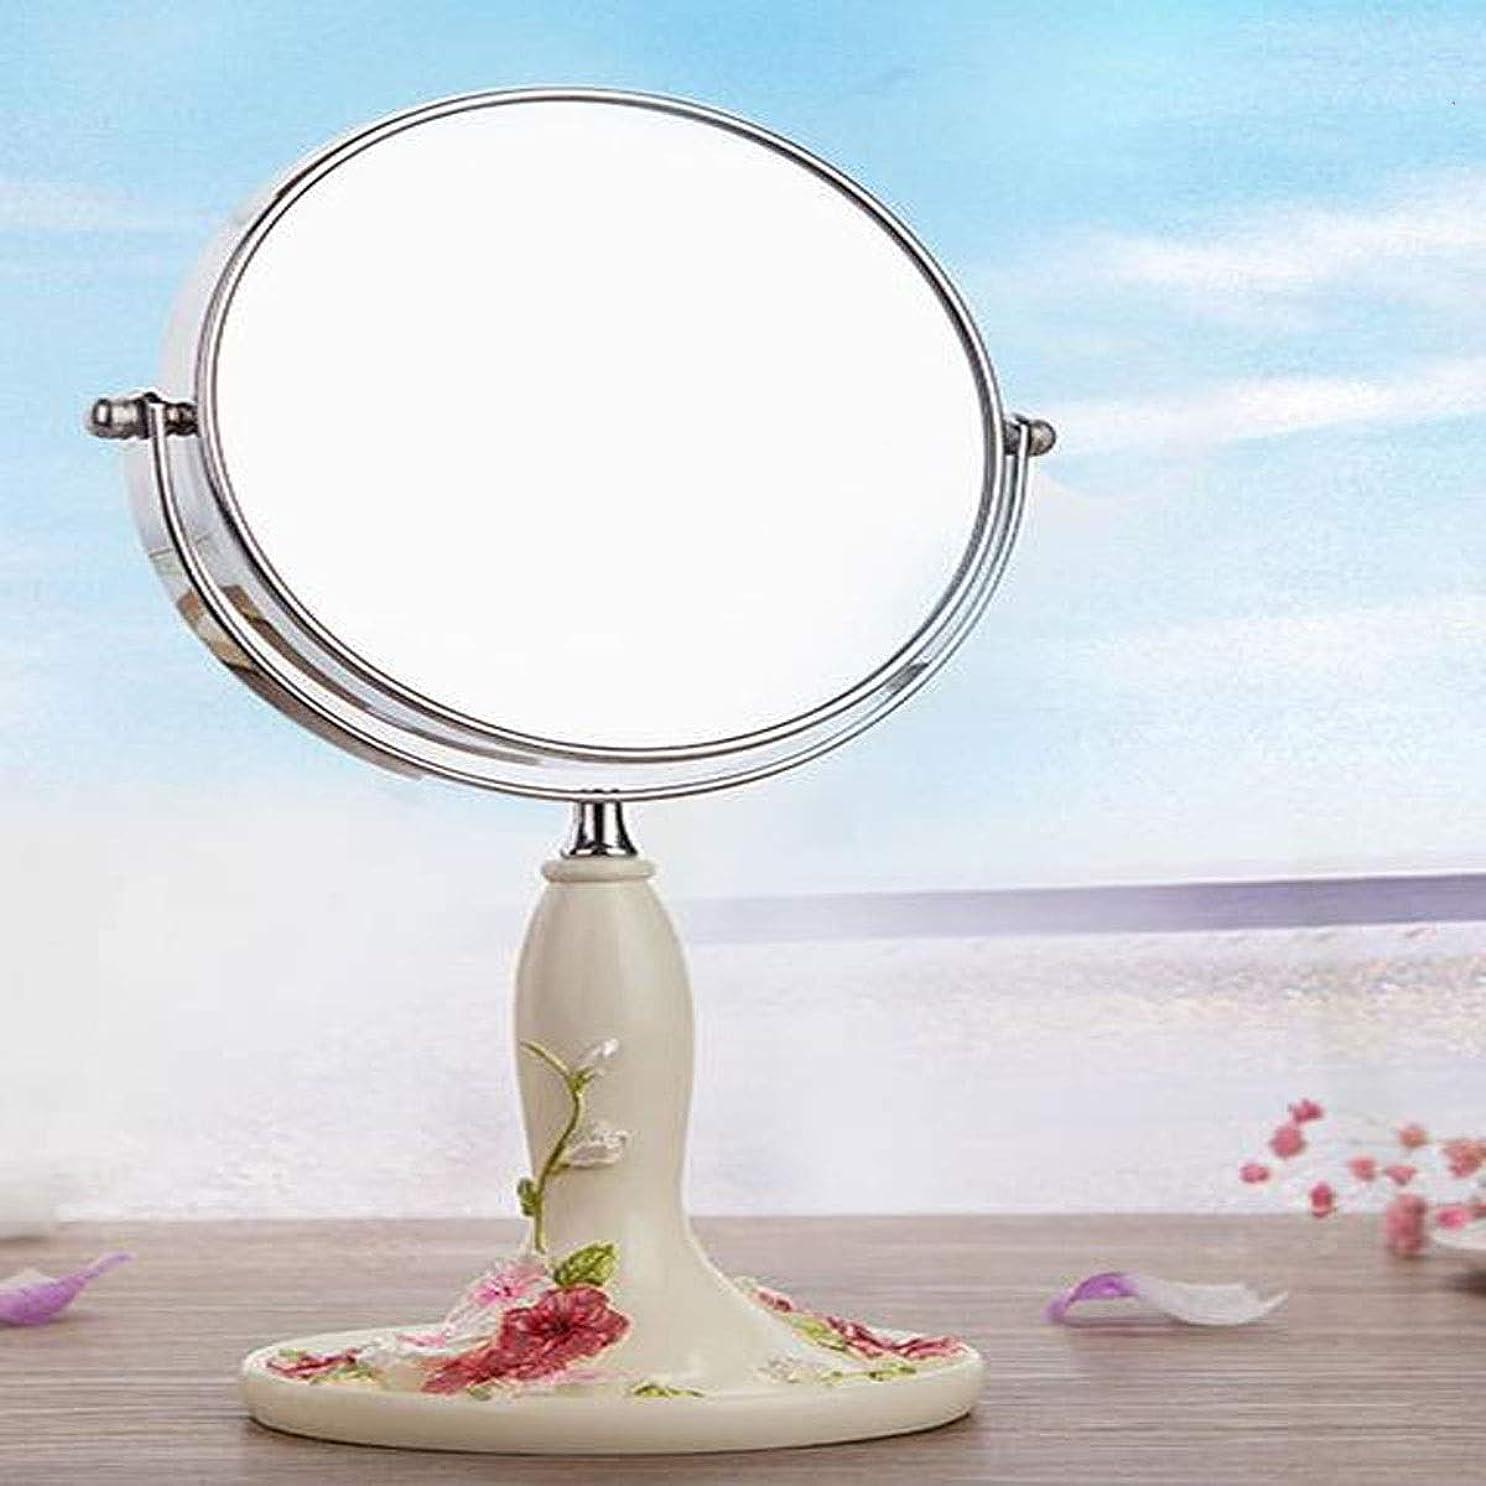 宇宙率直な木WYYI ハイエンド手描き化粧鏡自宅のデスクトップ (Color : Beige, Size : 20*10.5*39cm)